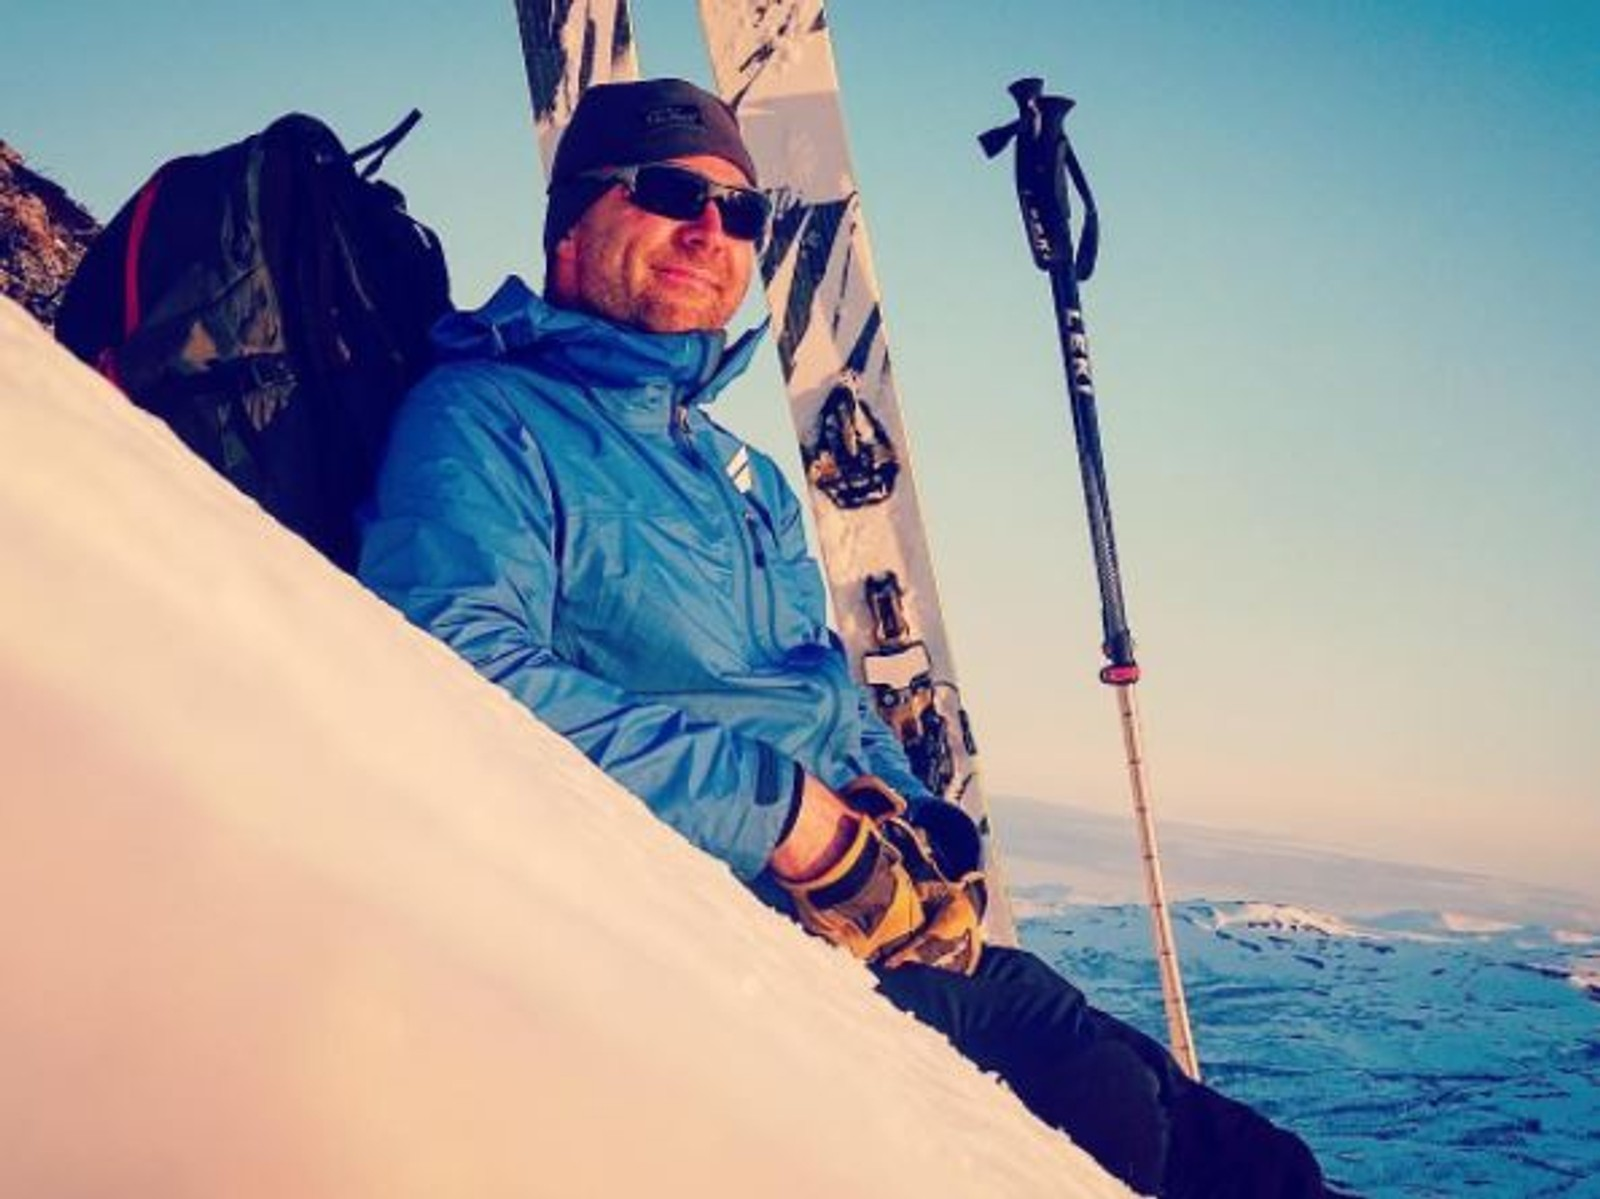 Klokken er 23:20, og Andreas Enevold slapper av på fjelltur i sola.